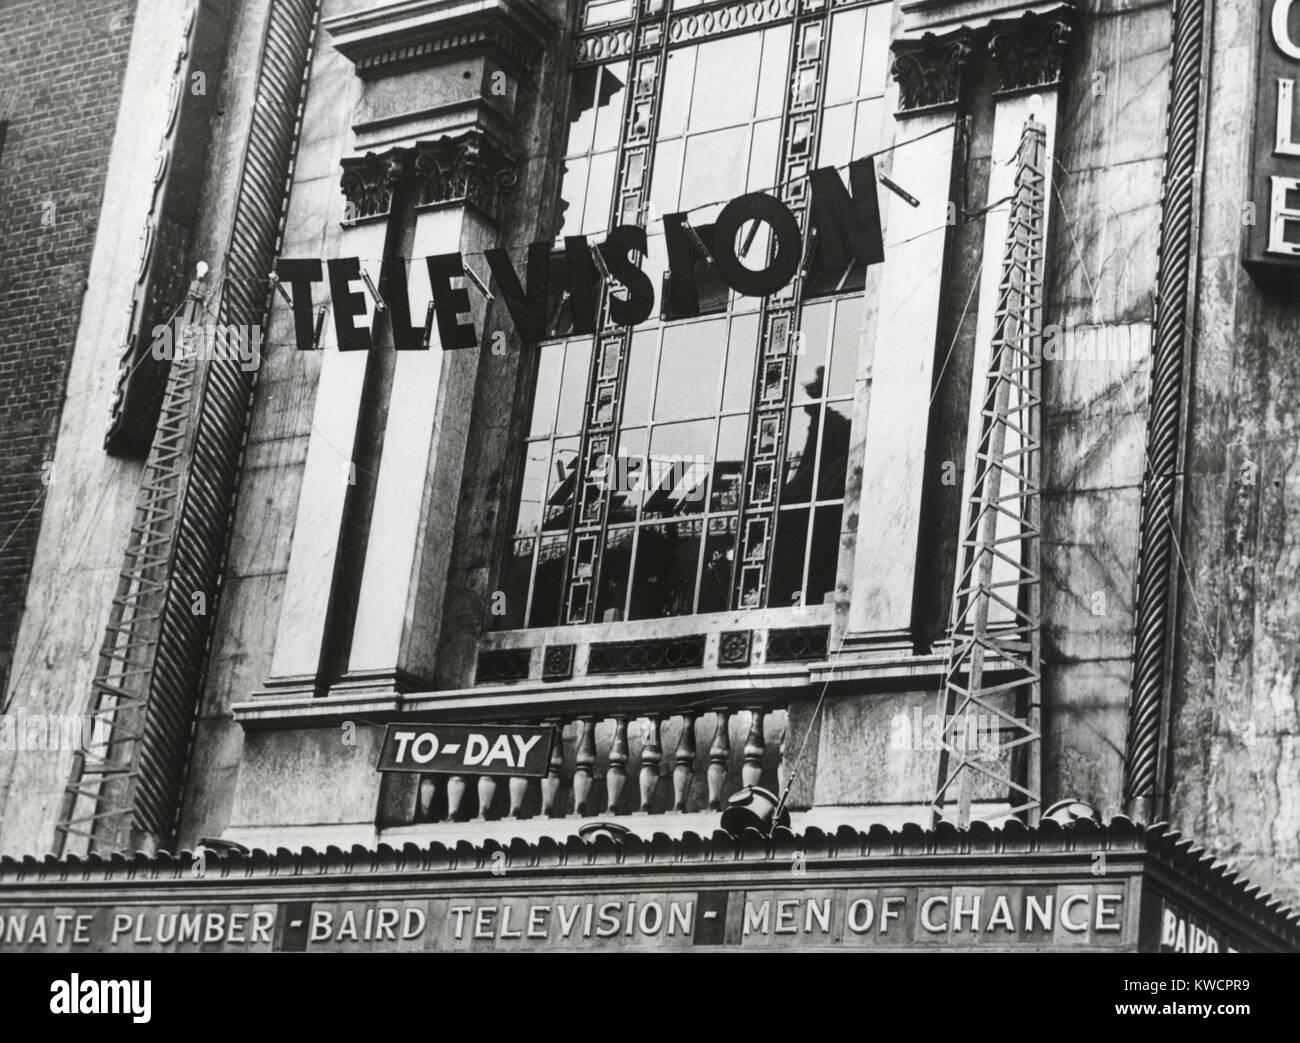 Fernsehen wurde zum ersten Mal in England, Juni 1932 gezeigt. Die Demonstration zeigte das Epson Derby im Kino Metropole. Stockbild